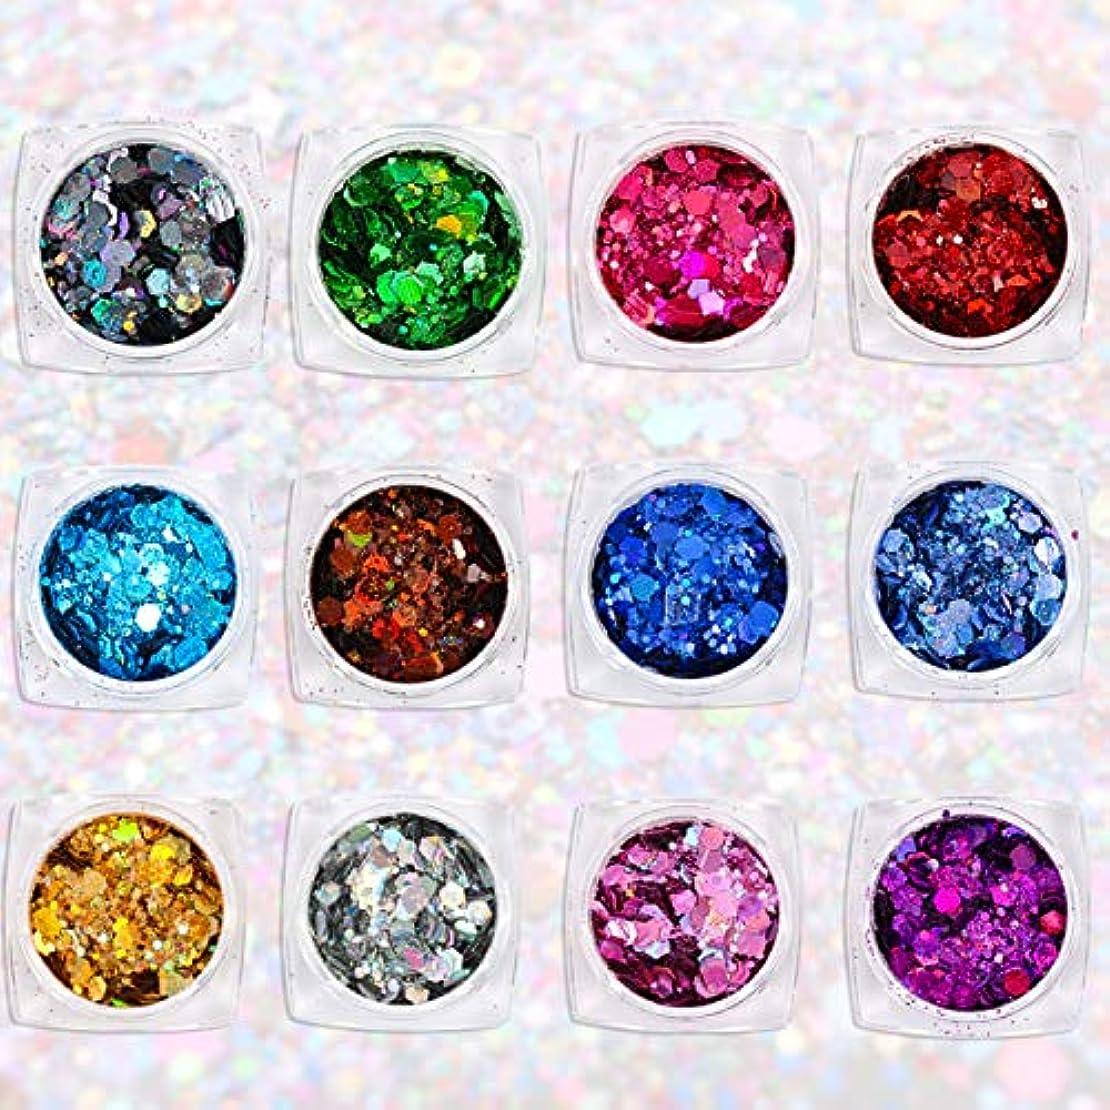 破滅岸美容師Wadachikis 有益な12色レーザー六角形のスパンコール爪きらめき粉砂の携帯電話シェルの工芸品特別なきらめきパウダーグリッタースパンコール